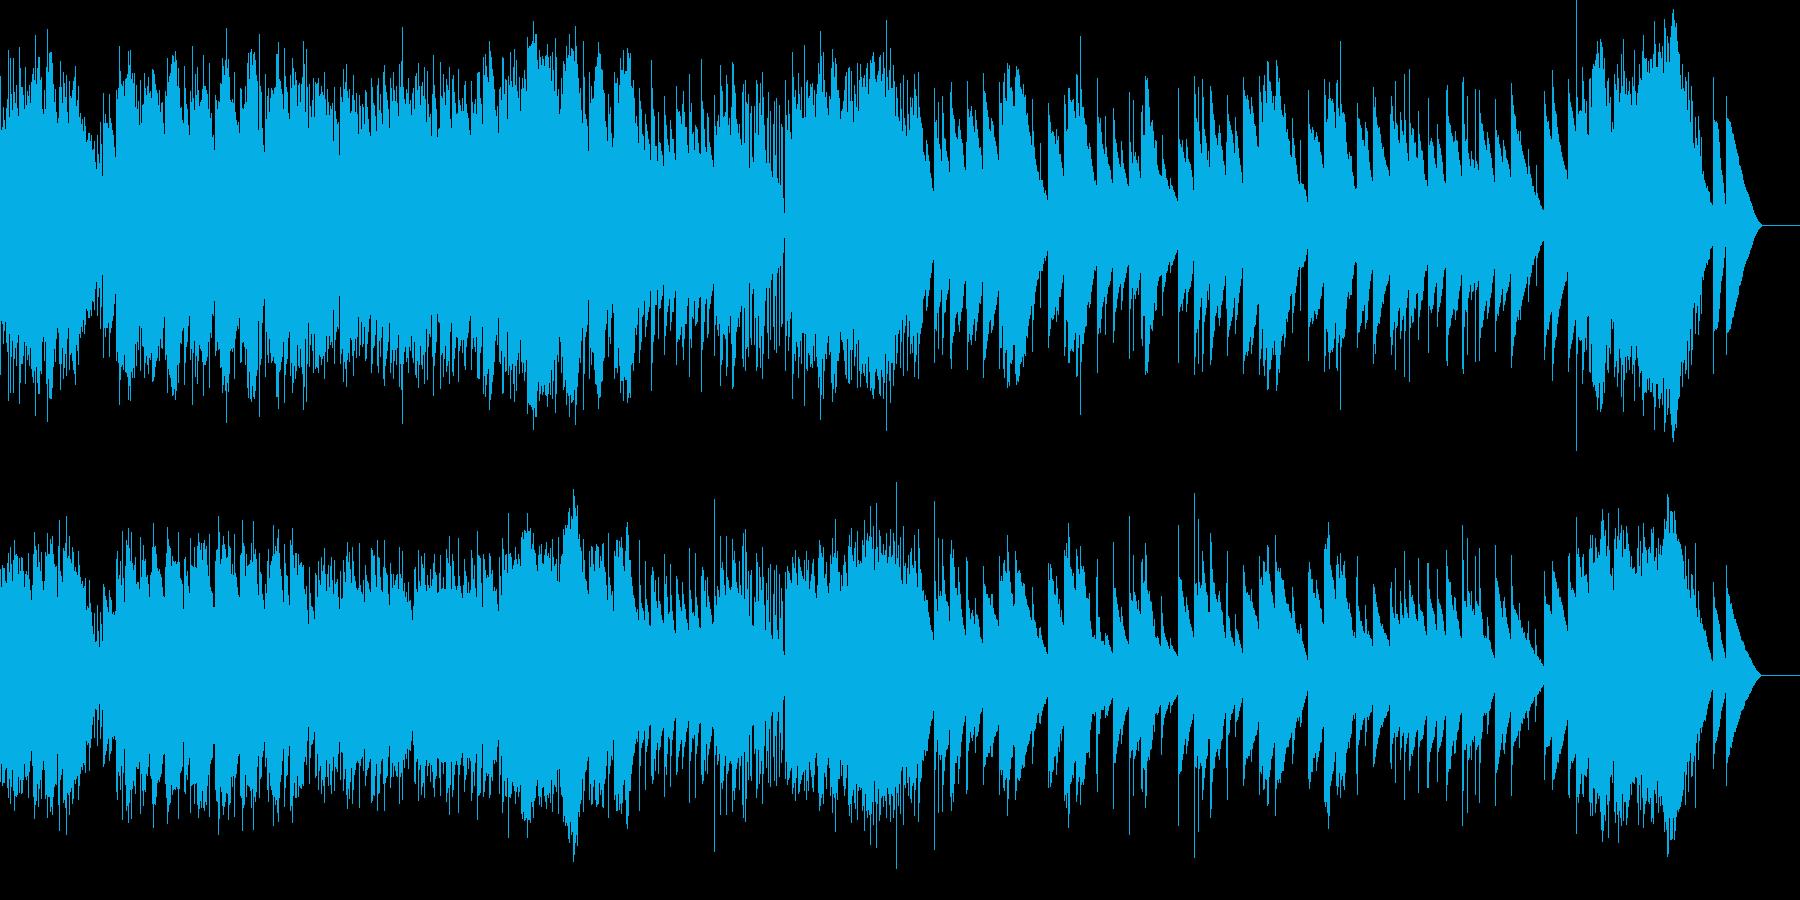 卒業式 威風堂々 エルガー(オルゴール)の再生済みの波形